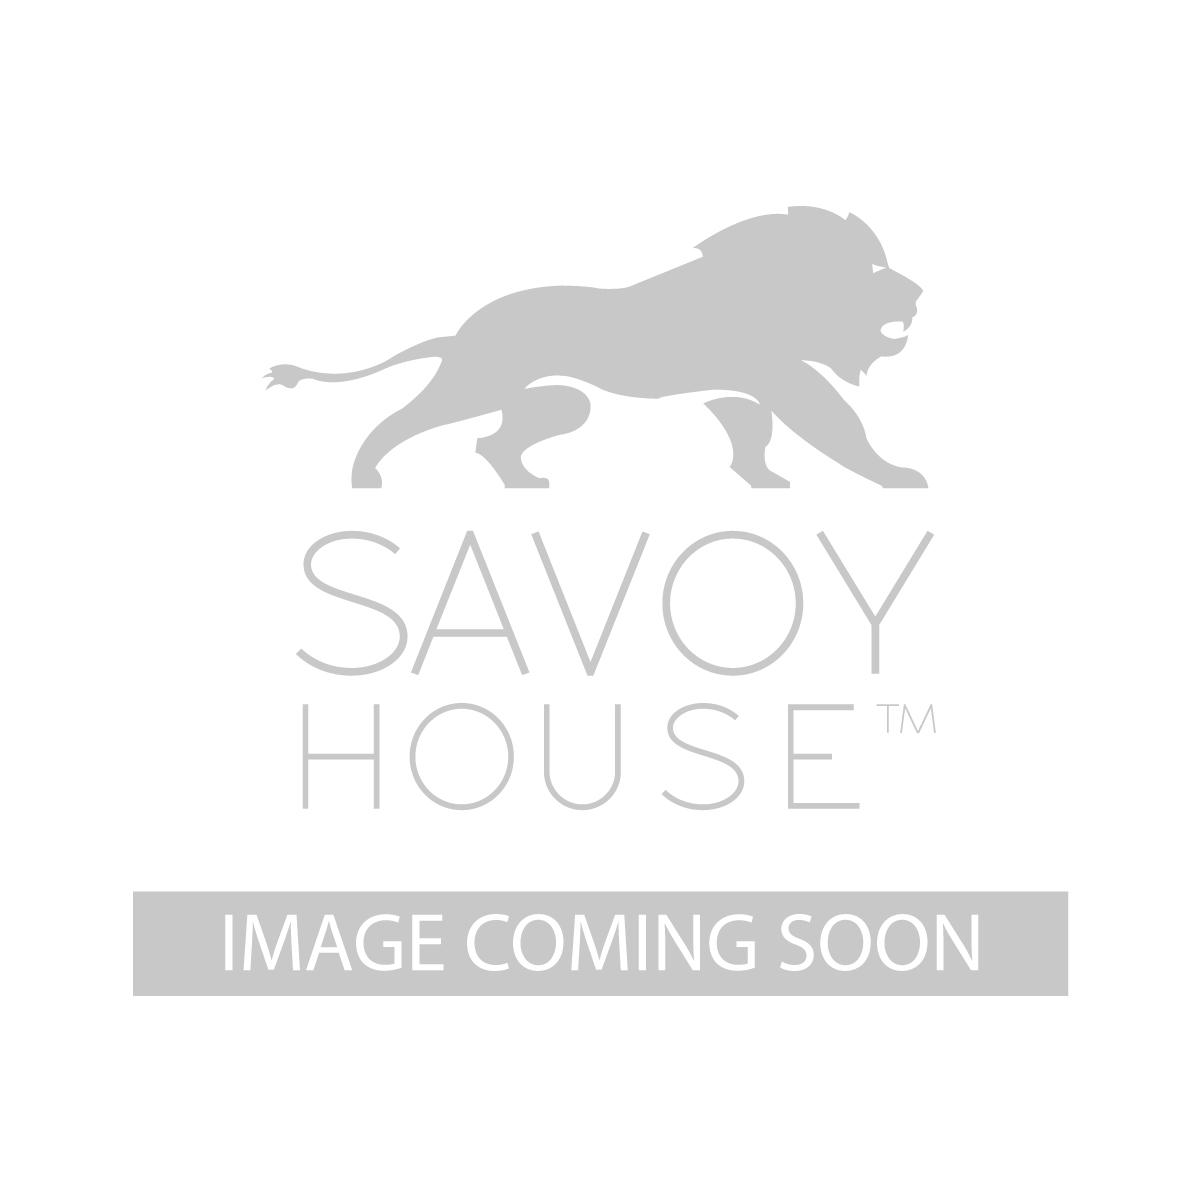 5 142 Bk Ellijay 12 Inch Steel Wall Lantern By Savoy House